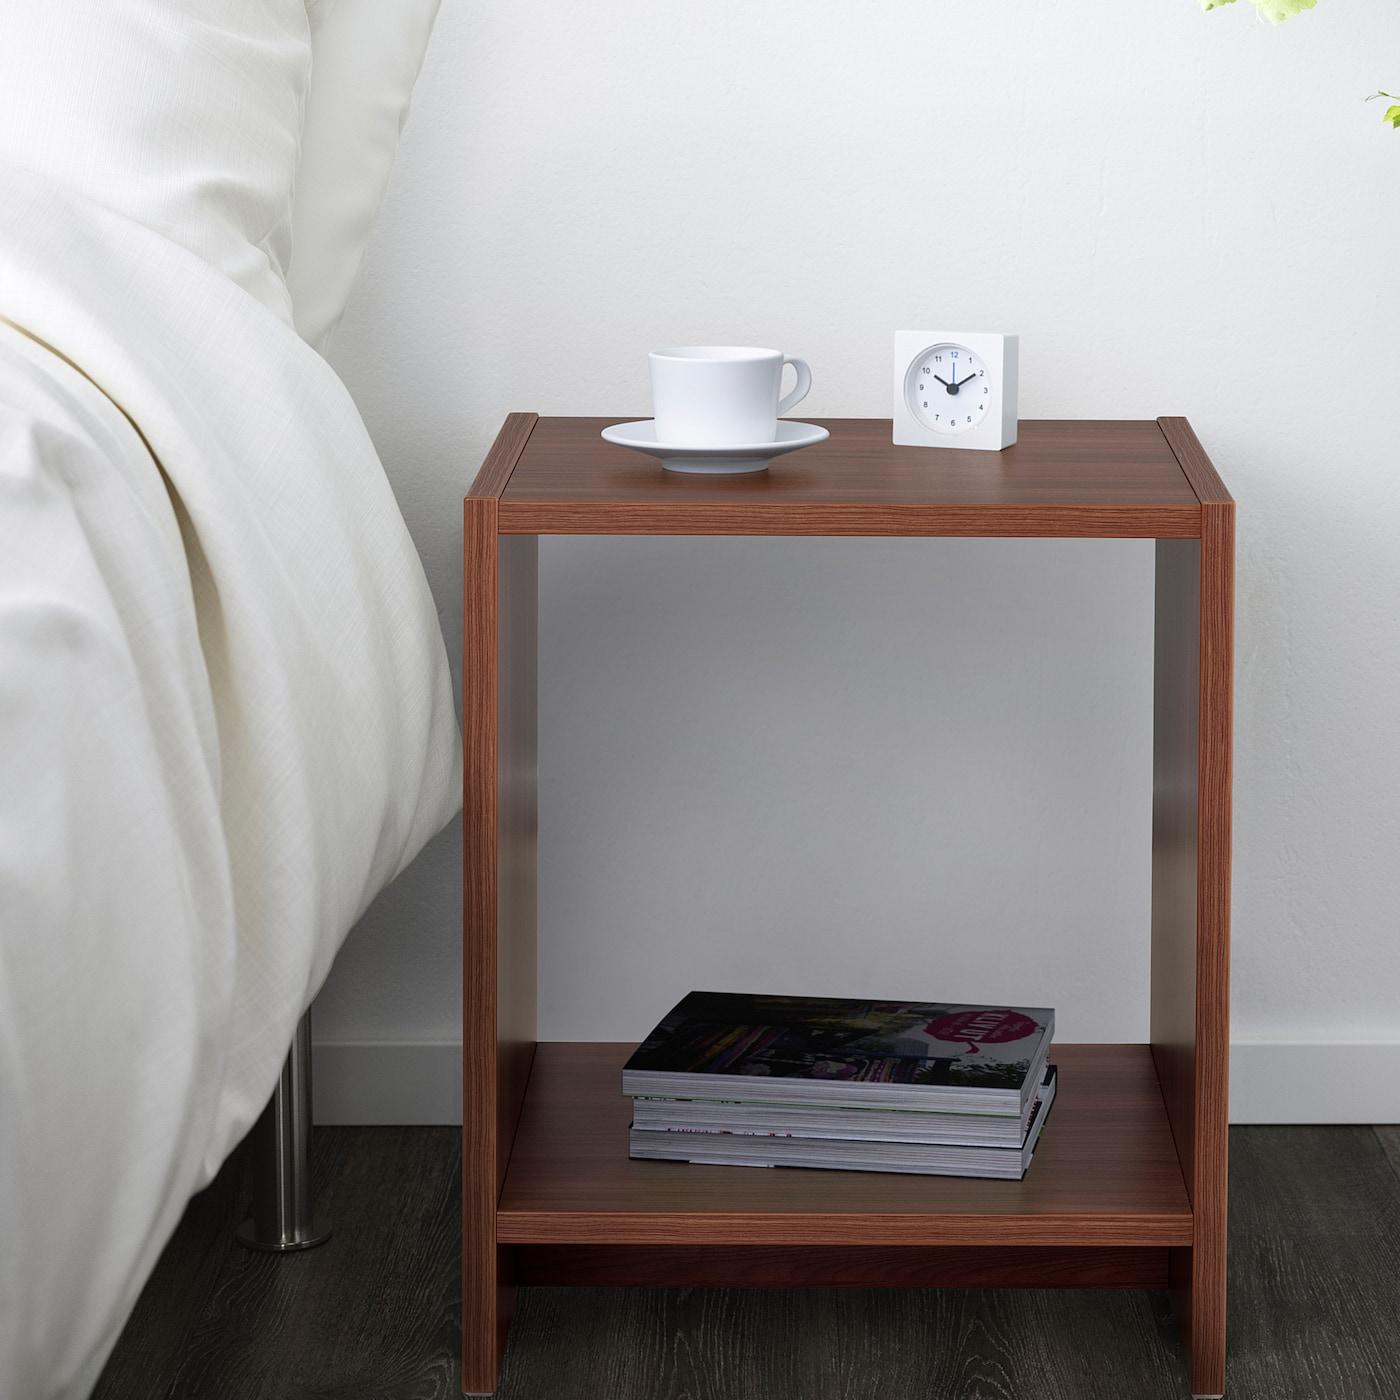 Bedside Computer Table Ikea Novocom Top